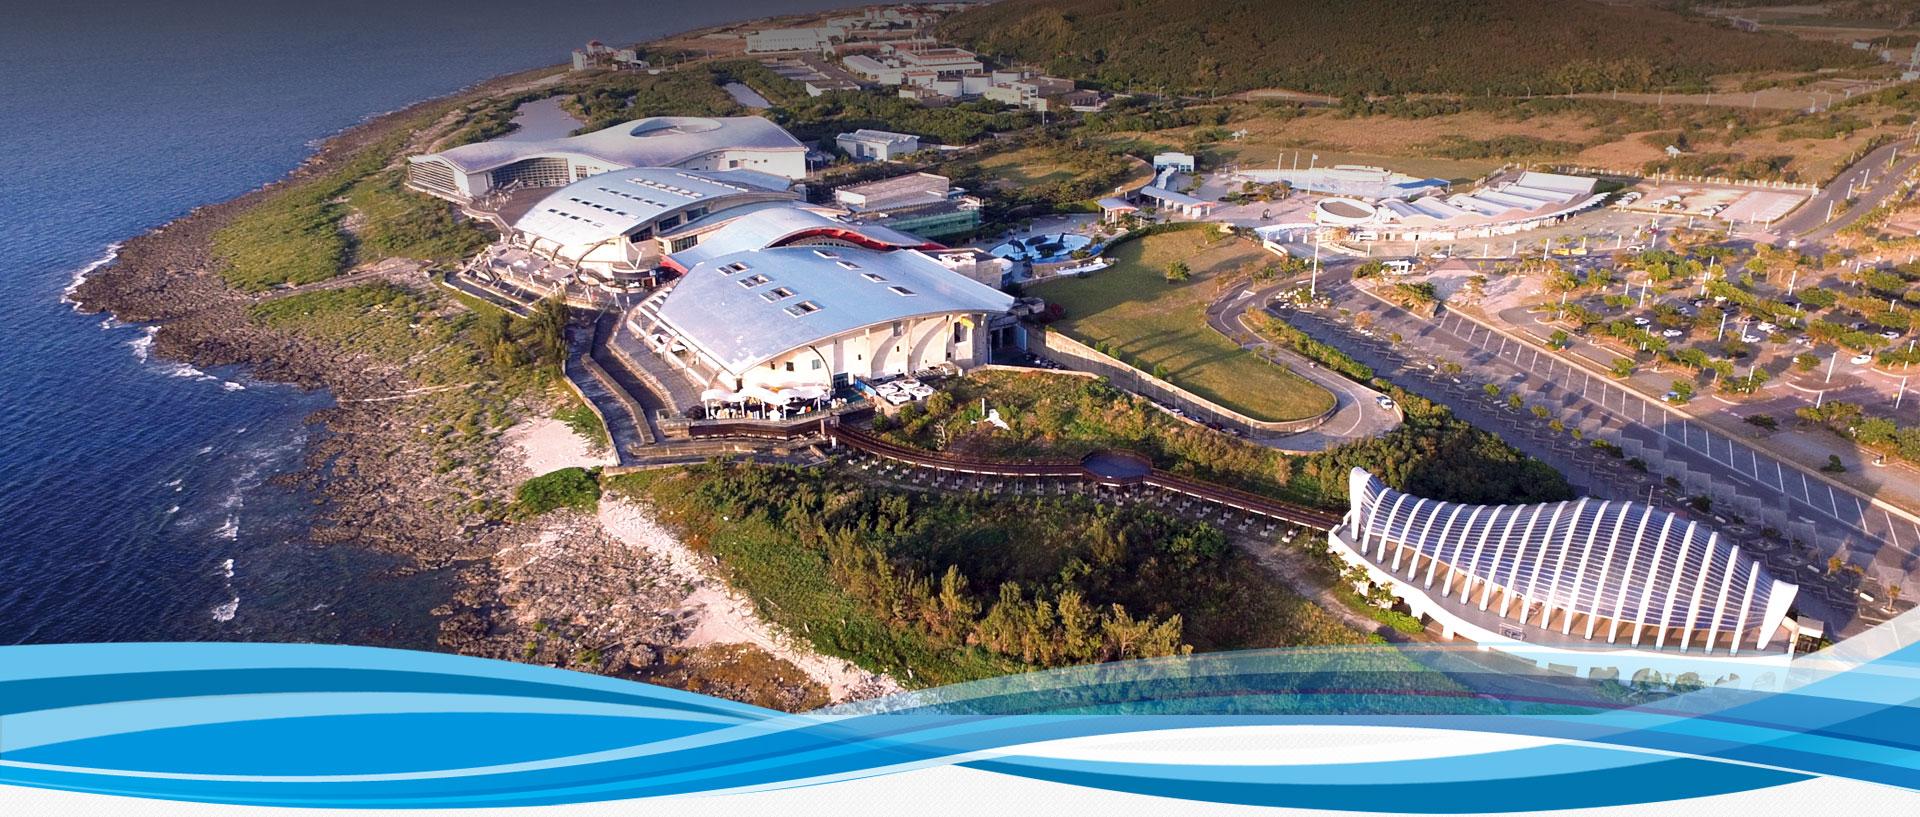 國立海洋生物博物館-政府公開資訊